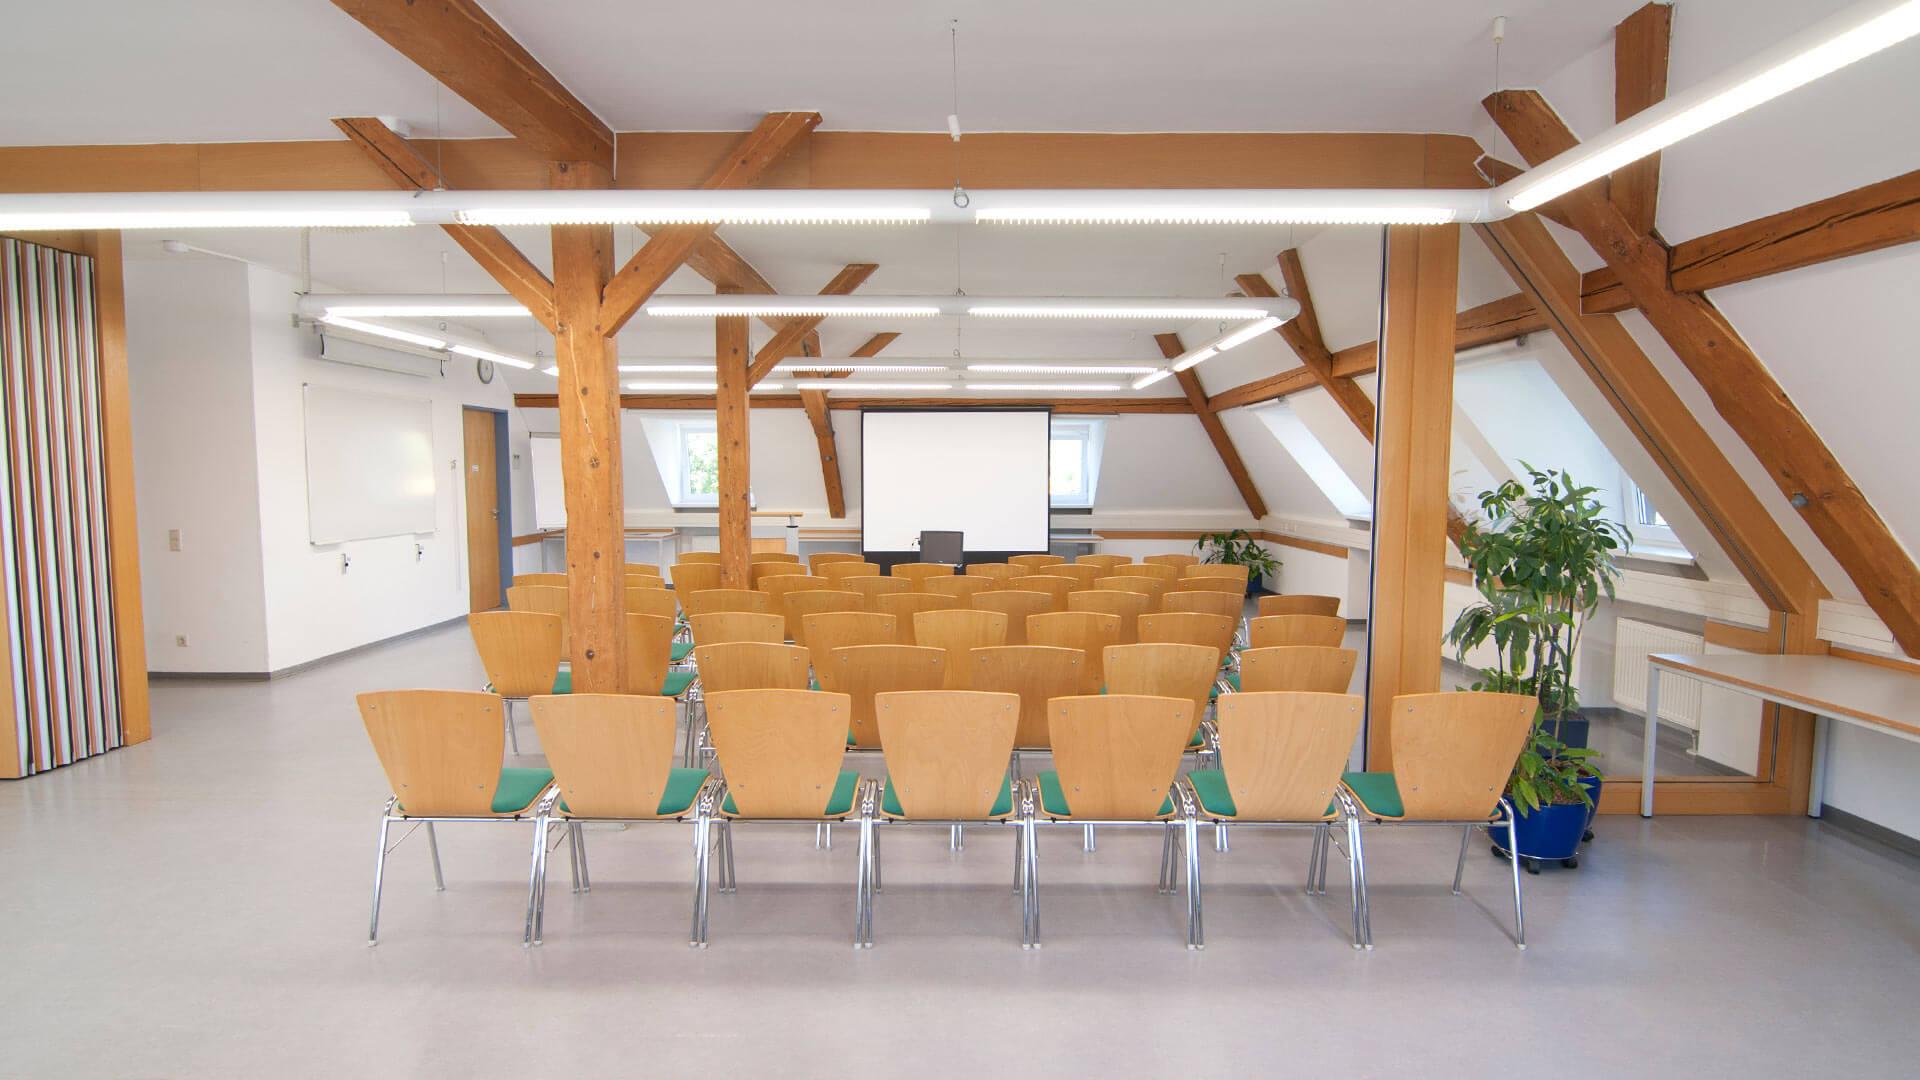 Paritätische Sozialdienste Karlsruhe Architektur Fotografie Räume Konferenzräume